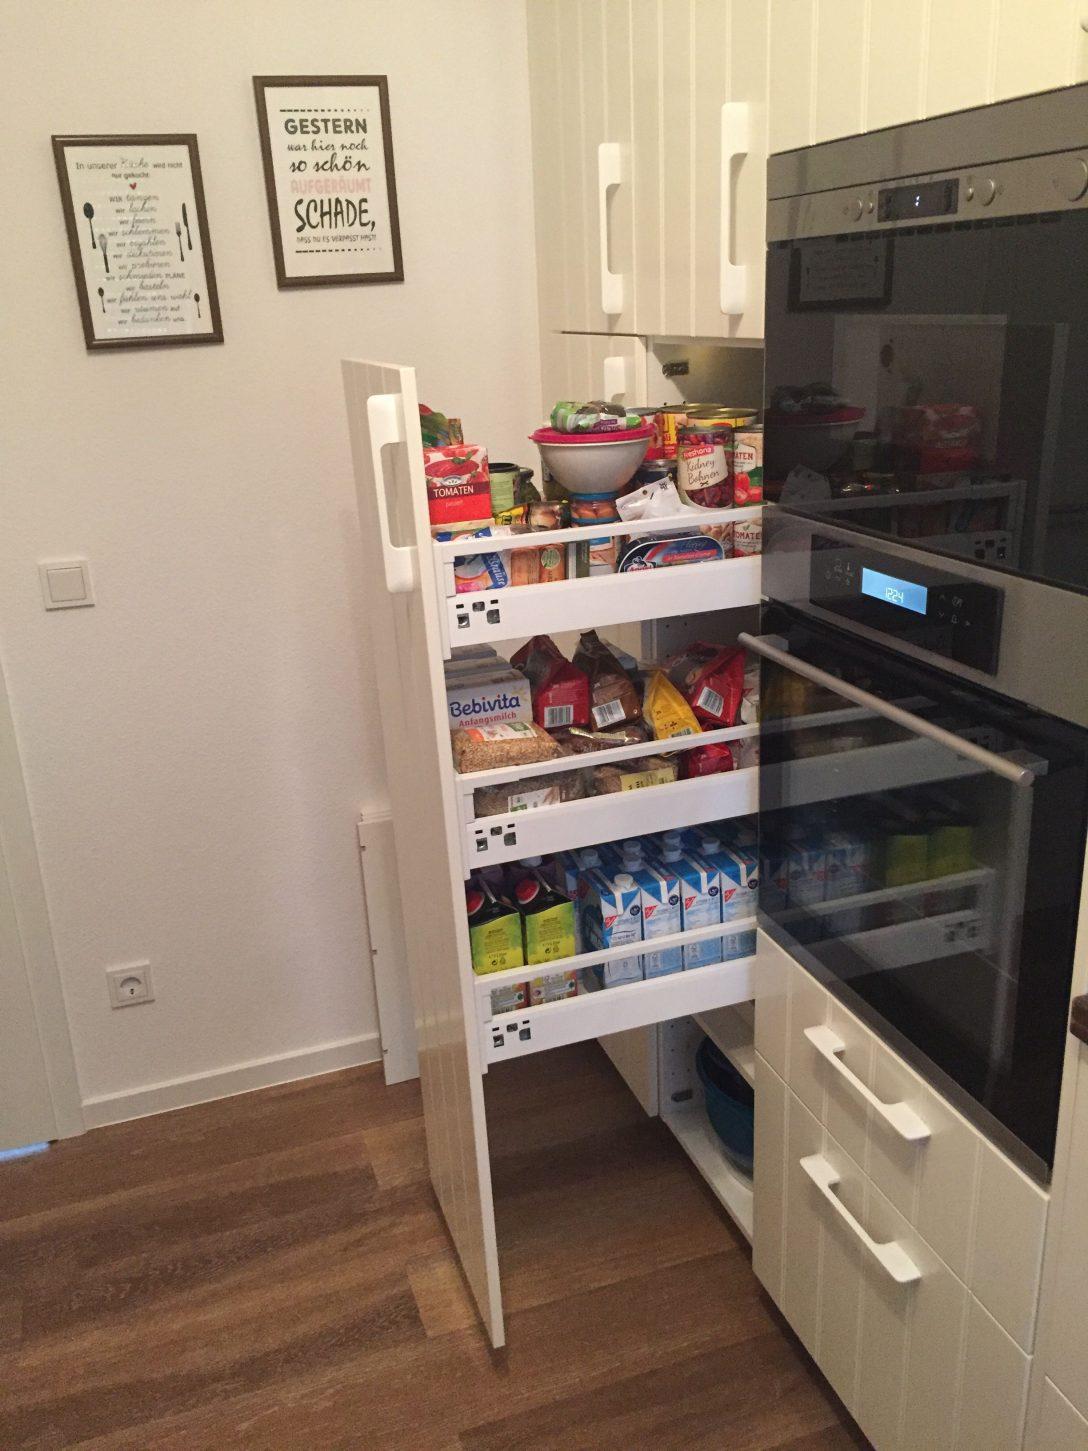 Large Size of Apothekerschrank Ikea Besiegt Selbst Gebaut Küche Kosten Kaufen Miniküche Betten 160x200 Modulküche Bei Sofa Mit Schlaffunktion Wohnzimmer Apothekerschrank Ikea